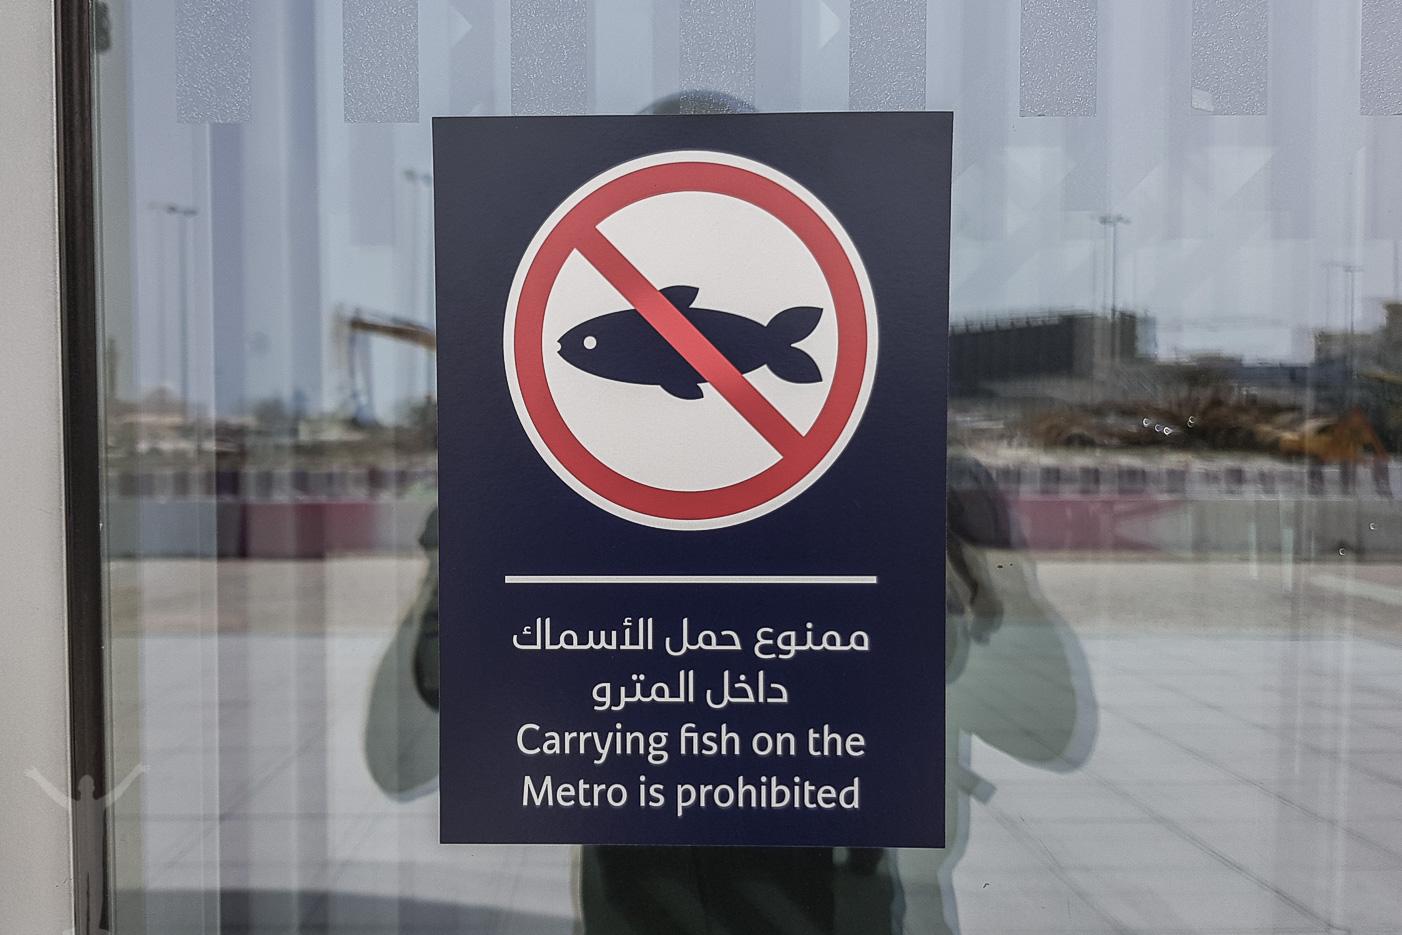 Kom ihåg - ha inte med fiskar på Dubais metro.